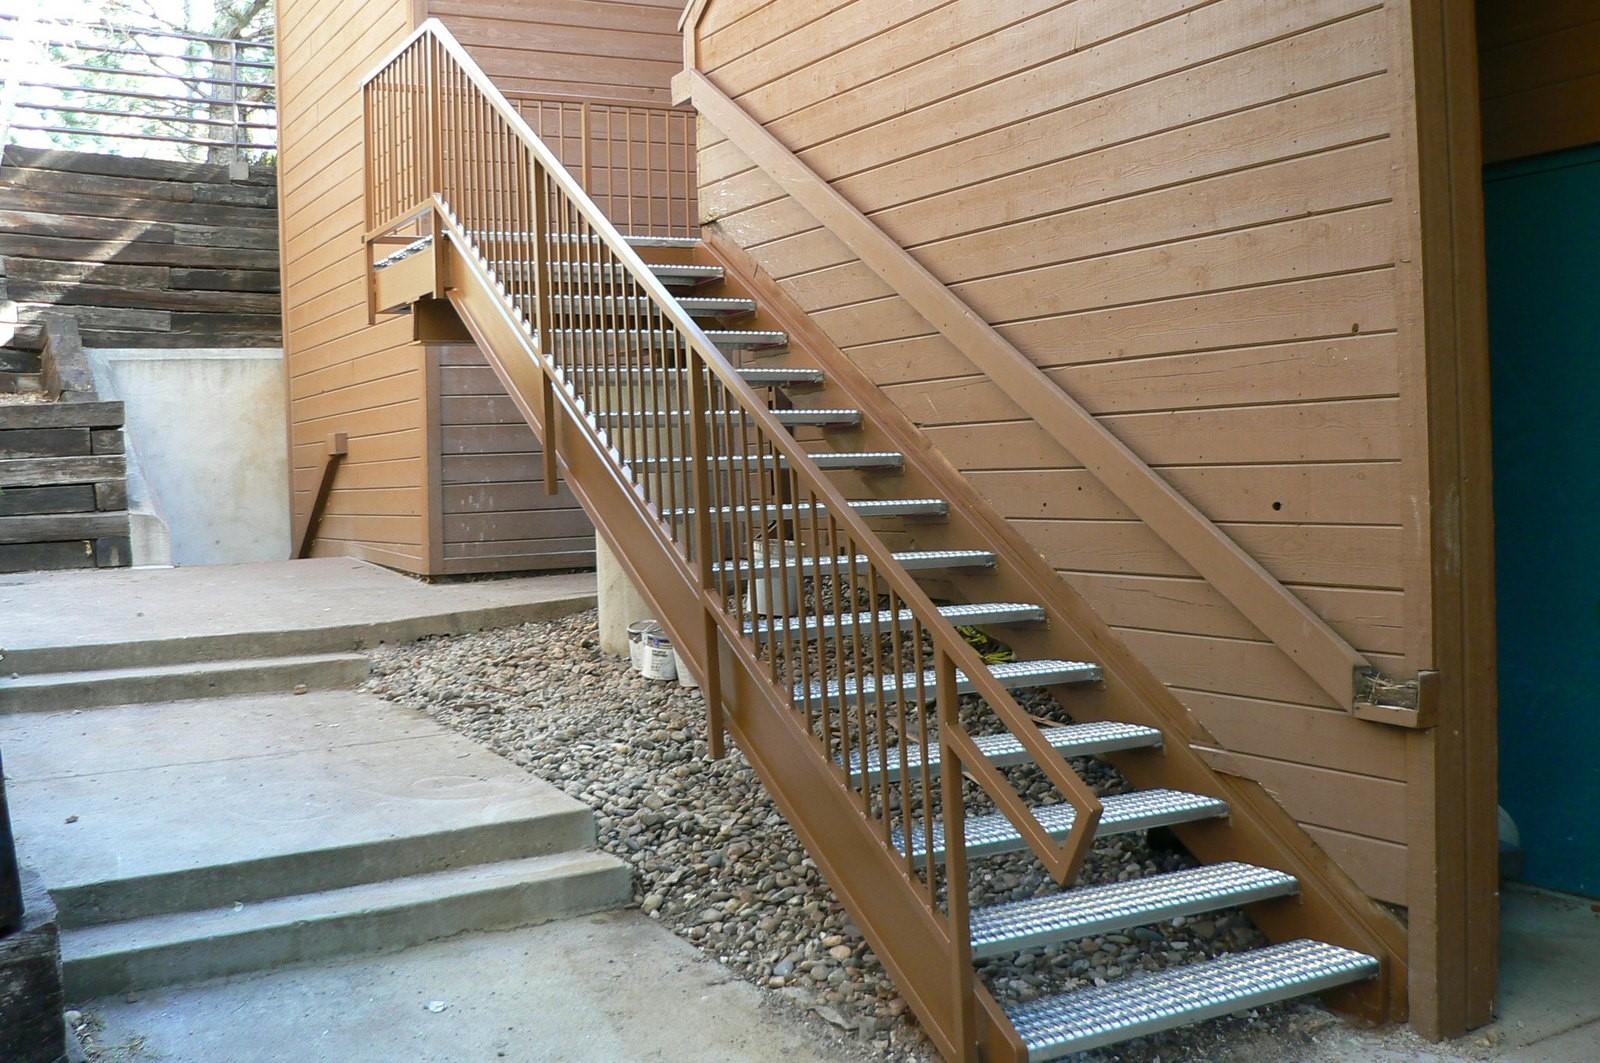 cheyenne mnt stairway